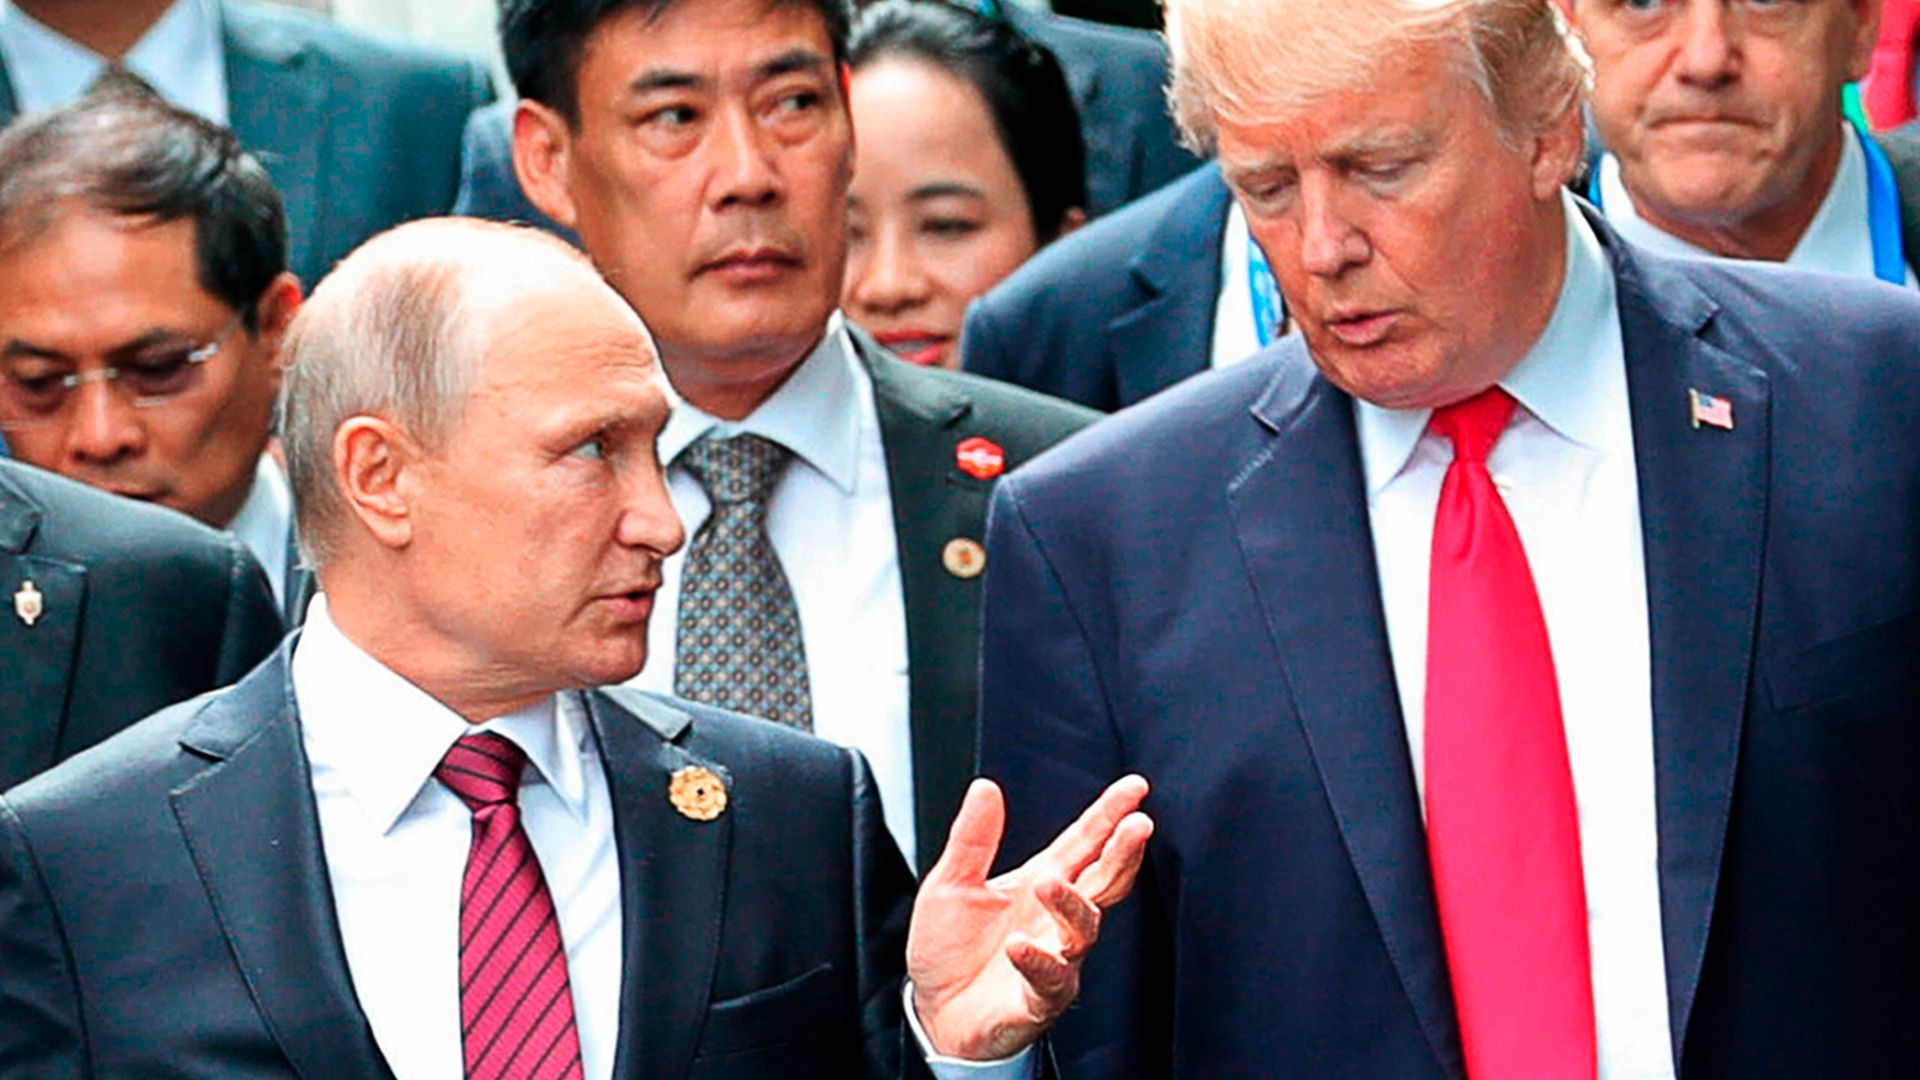 Кремъл нареди да се смекчи антиамериканския тон